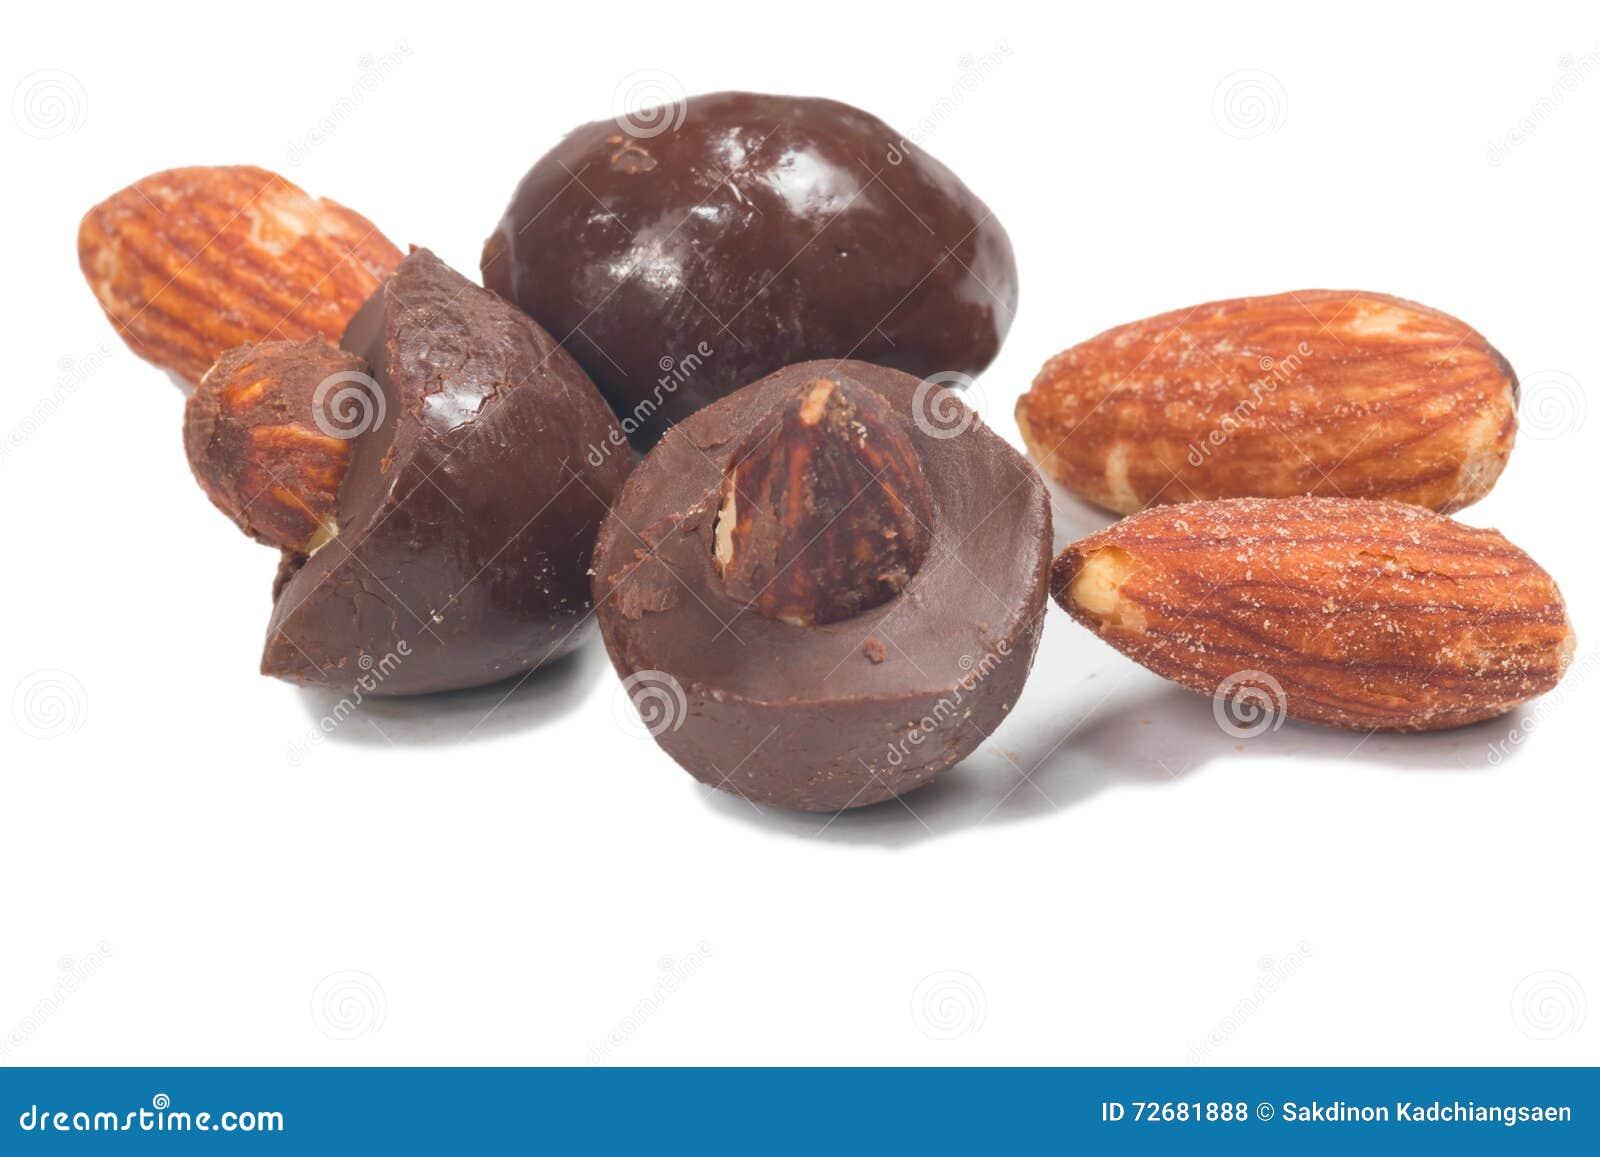 Chocolate Chia Seed Cake